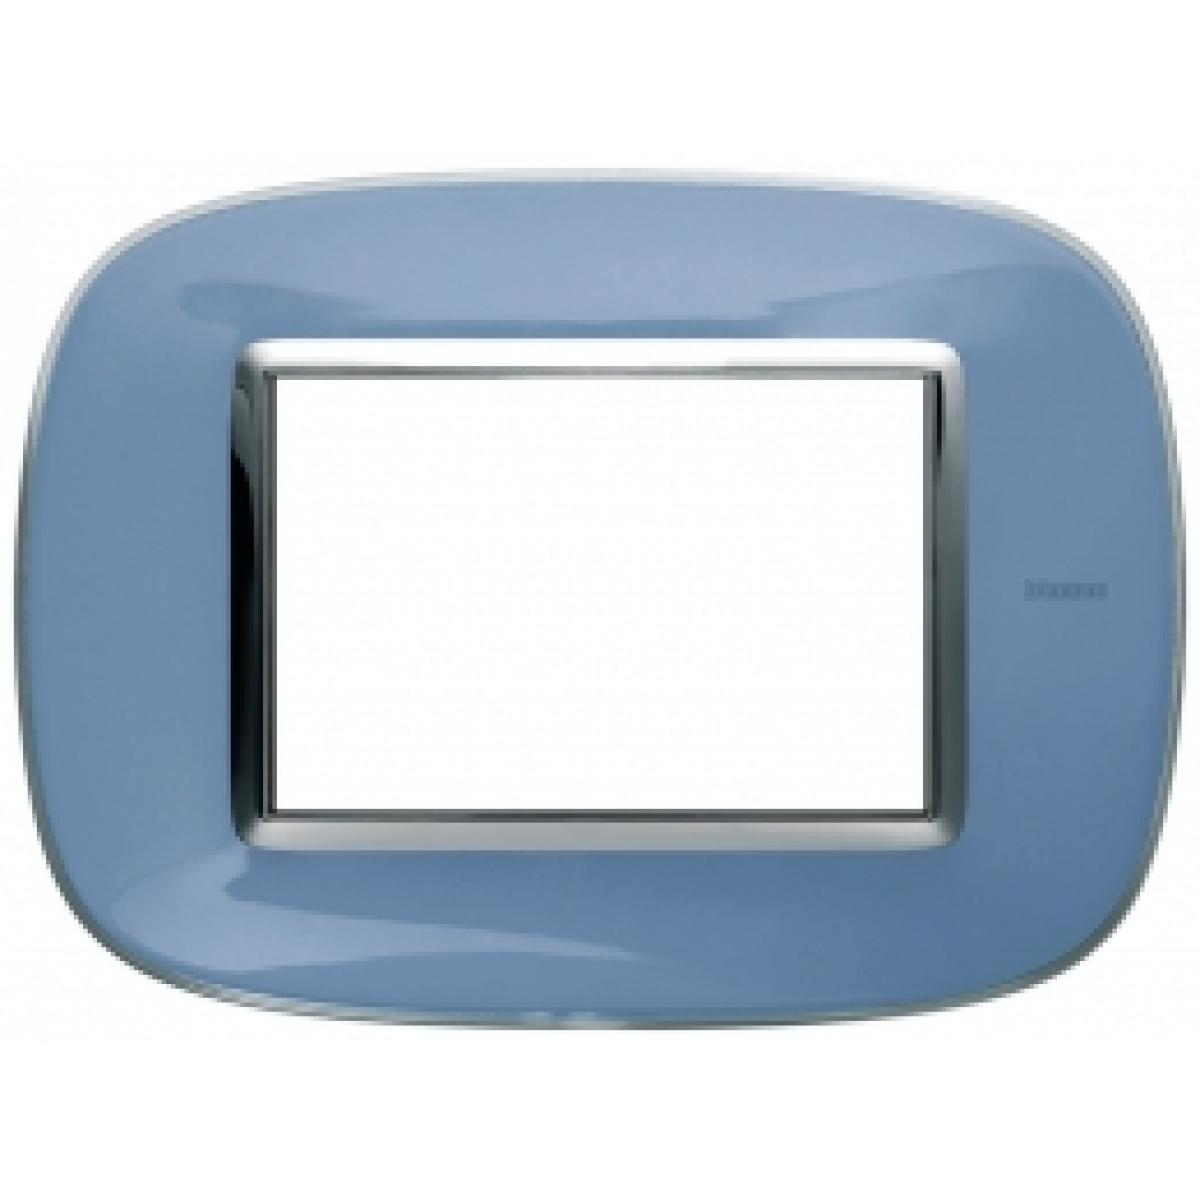 Placca Ovale 3 Posti Bticino Axolute Azzurro Liquido HB4803DZ